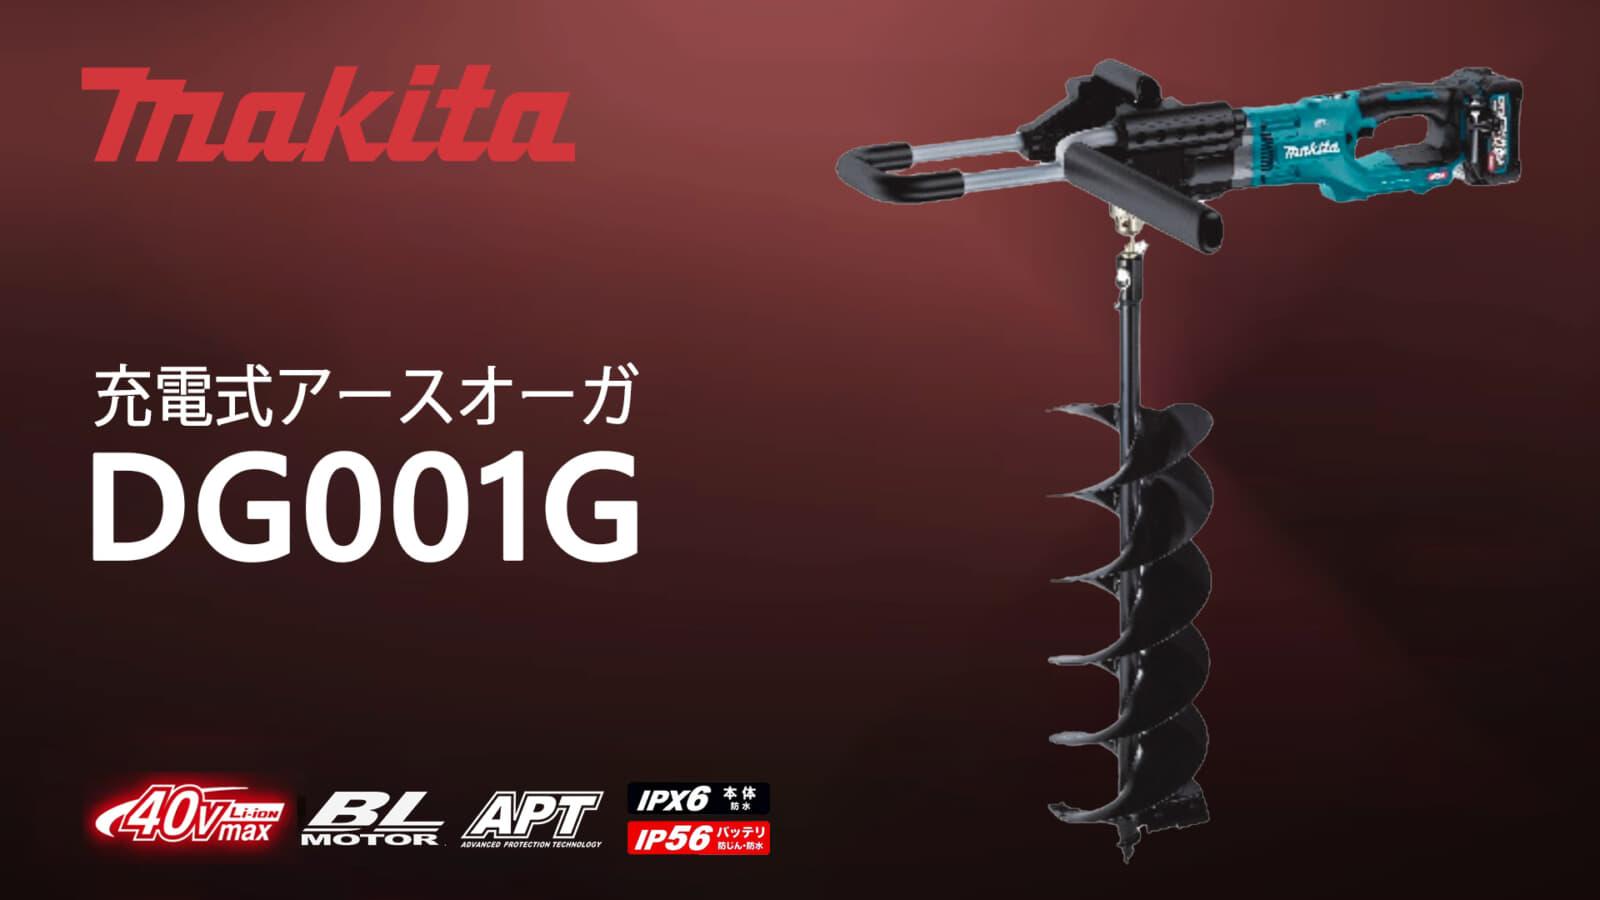 マキタ DG001G 充電式アースオーガ、軽量ハイパワーな穴掘り電動工具